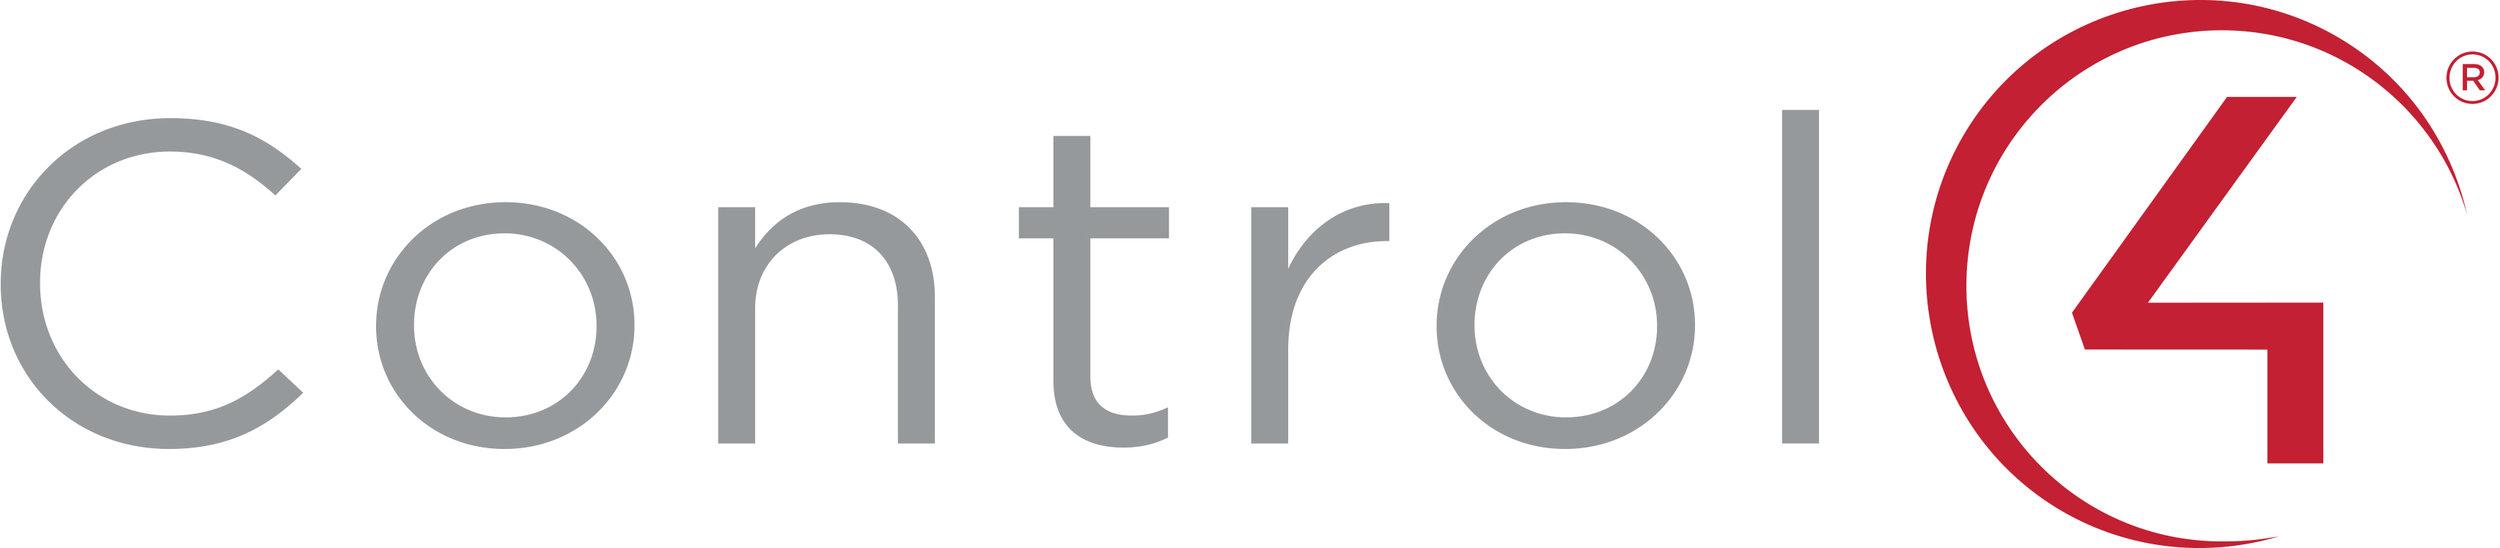 Control4_Logo_Color_Grey_Font_4_emblem